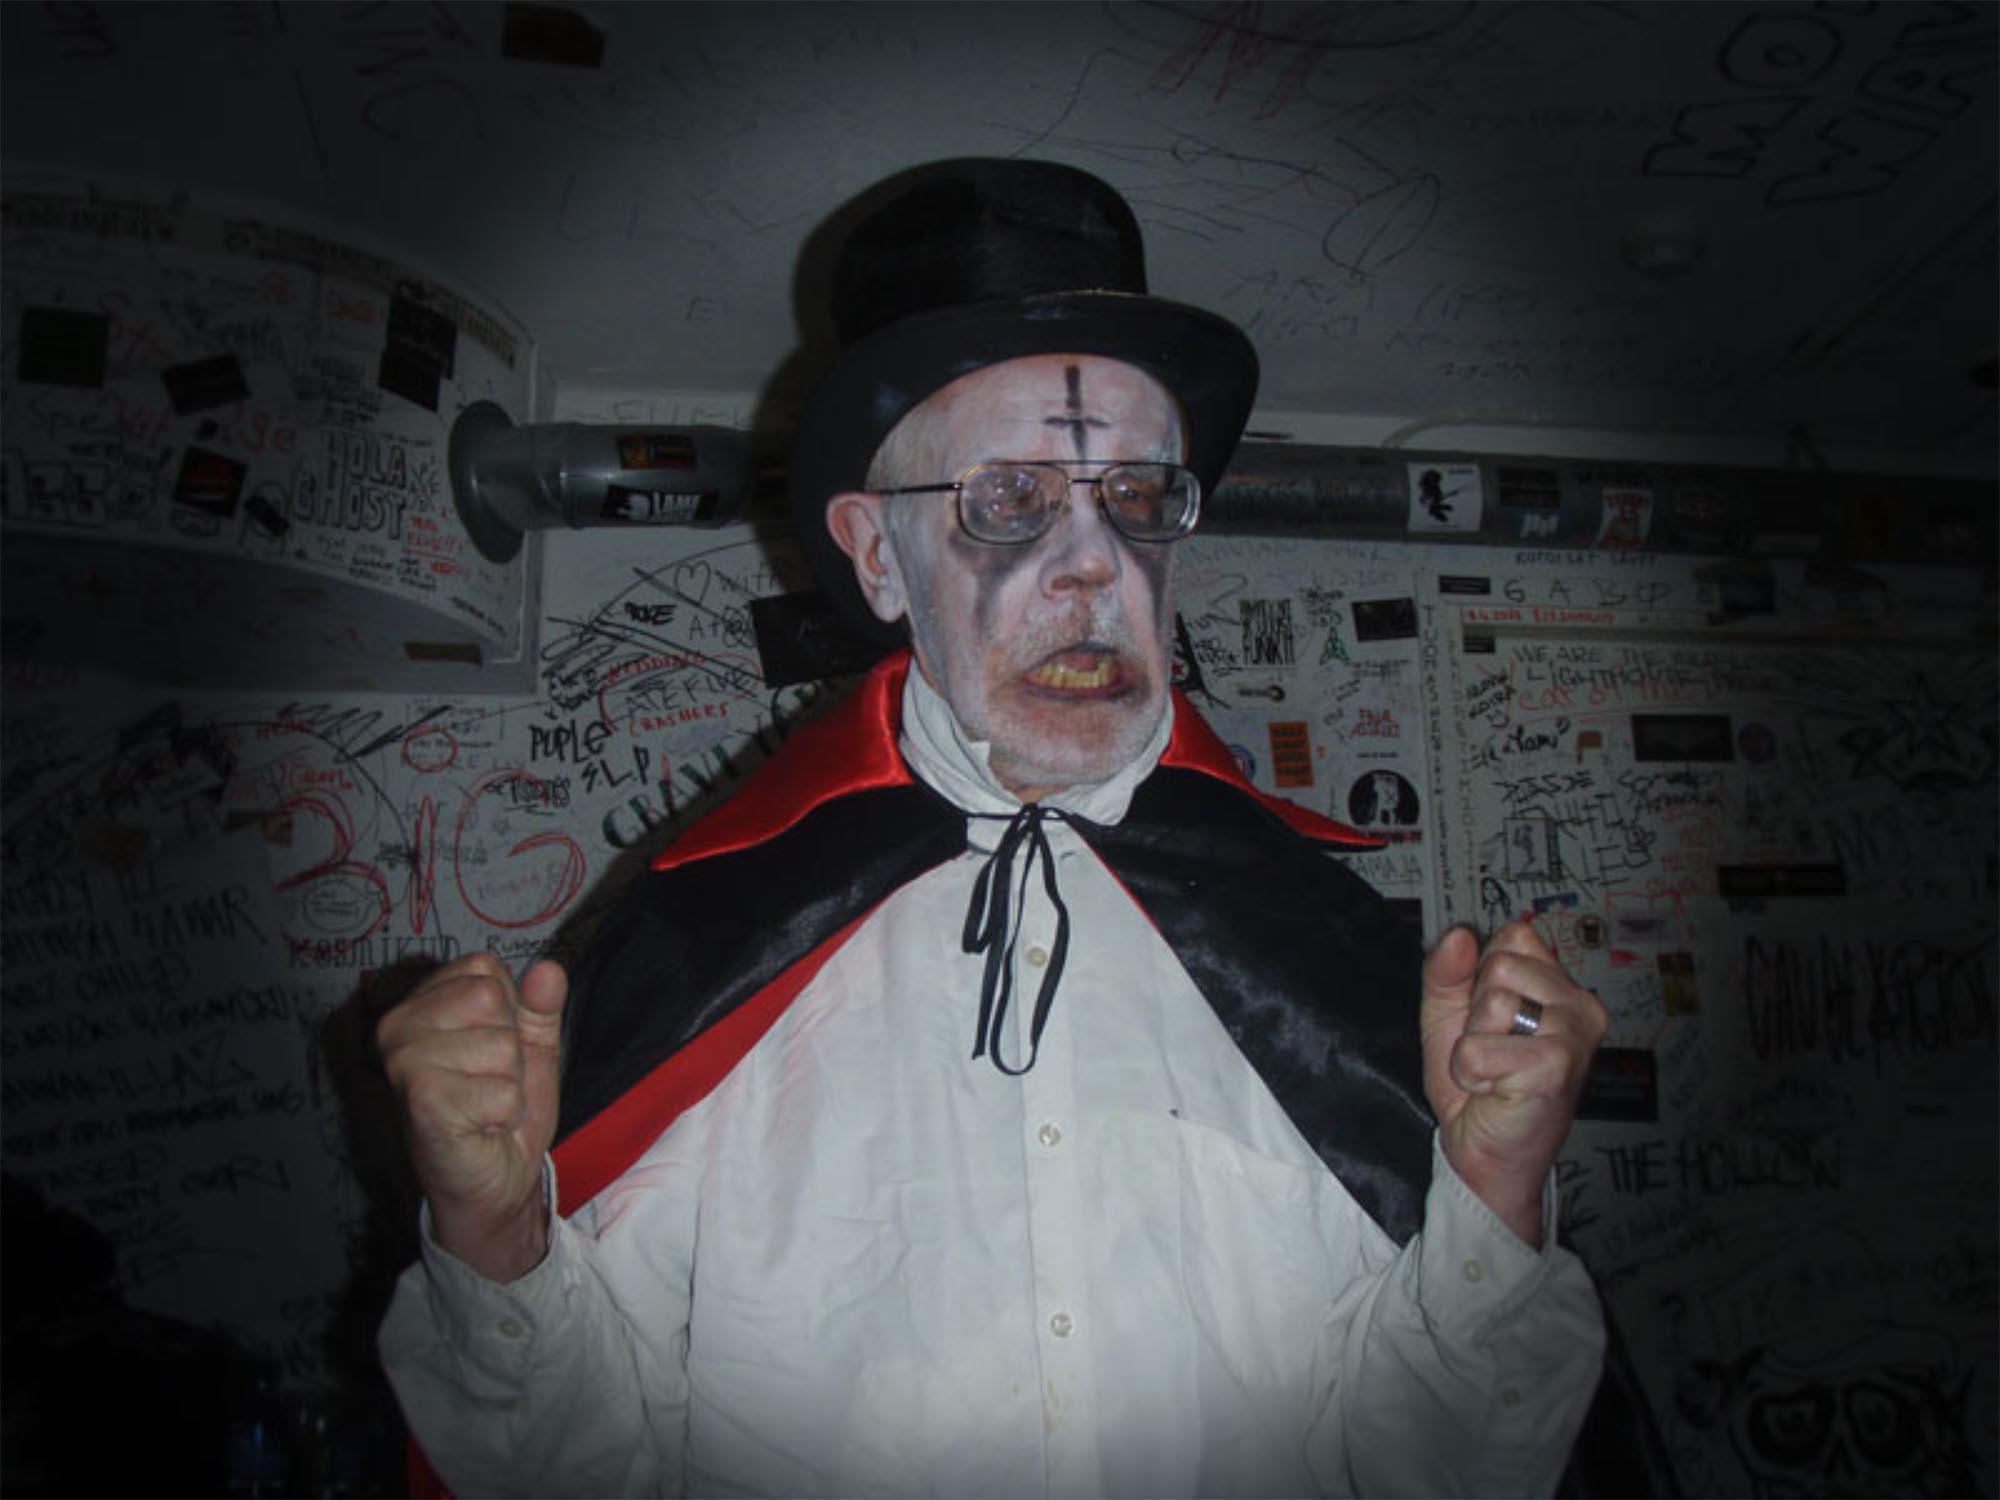 Taiteilija Kalevi Helvetti irvistää kädet nyrkissä. Hänellä on yllään musta silinterihattu ja viitta. Kasvot on maskeerattu valkoisella värillä, silmät mustattu ja otsalle on piirrety musta alaspäin oleva risti.